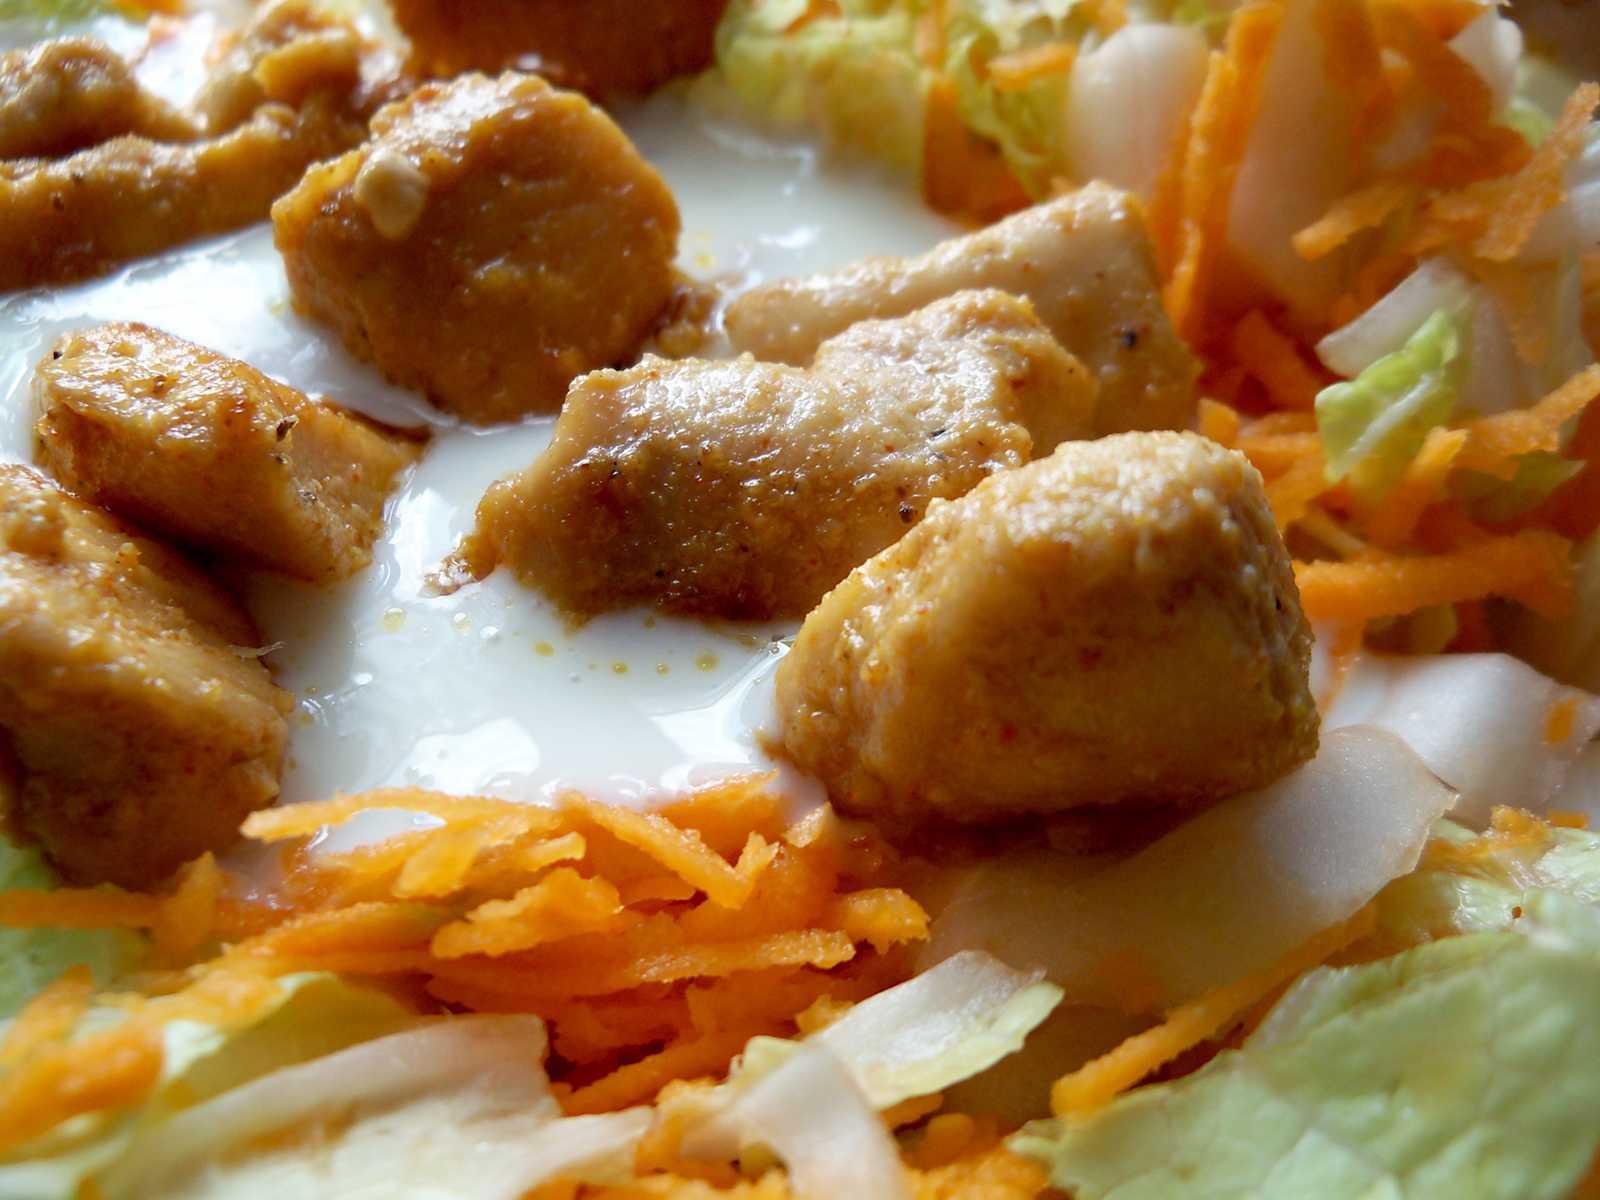 Kurczak wsosie czosnkowym nakapuście pekińskiej